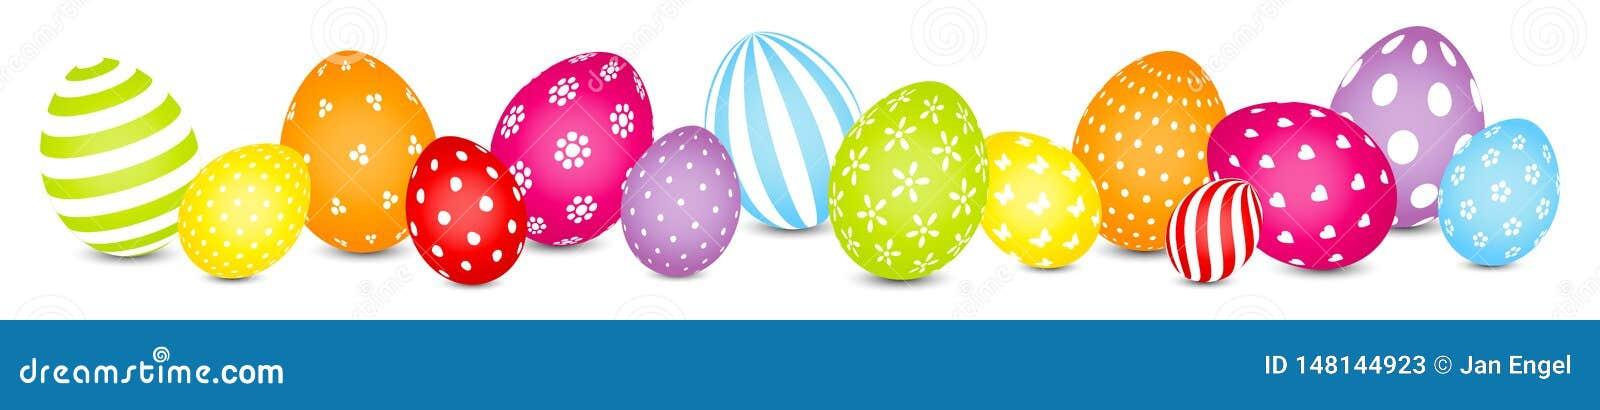 Wielkanocnych jajek mieszanki wzoru tęczy koloru sztandar